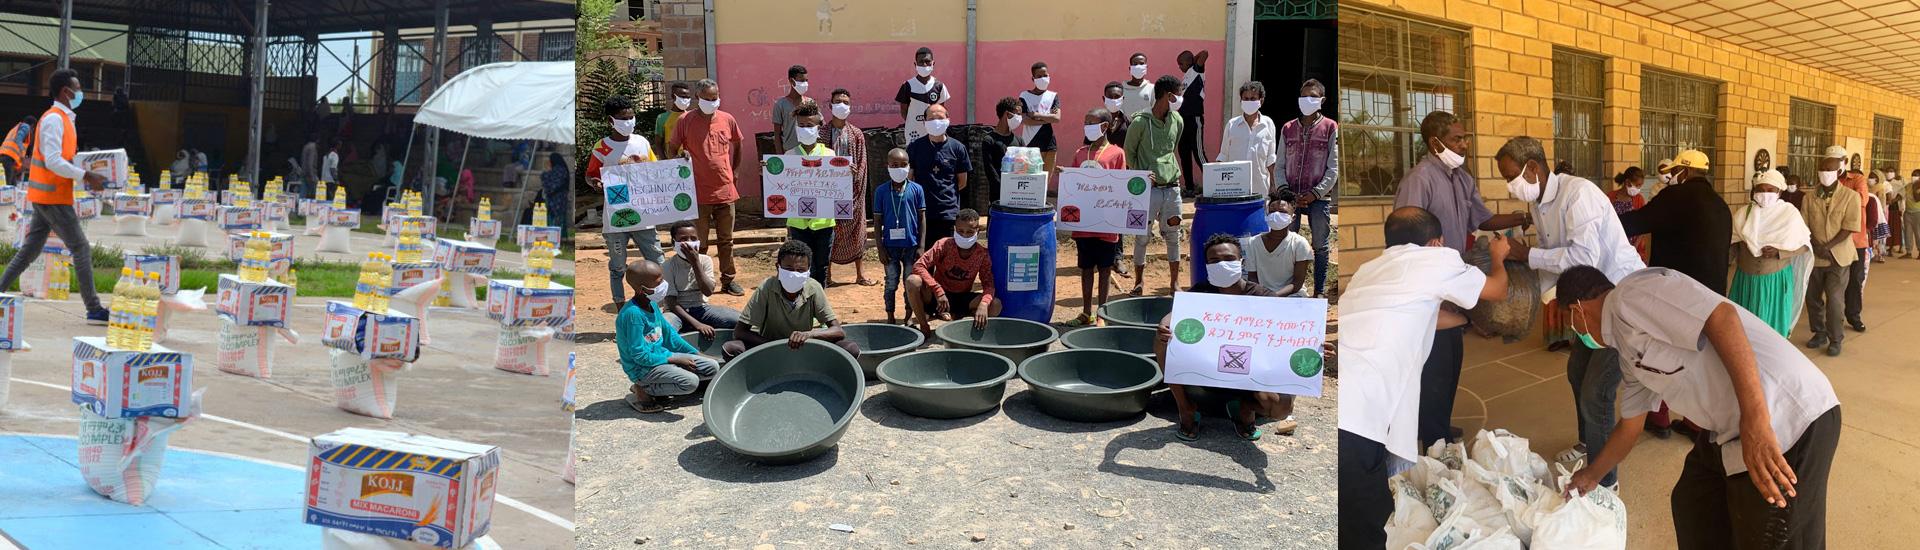 Ayuda en Etiopía para más de 24.000 niños, niñas, jóvenes vulnerables y sus familias durante la pandemia